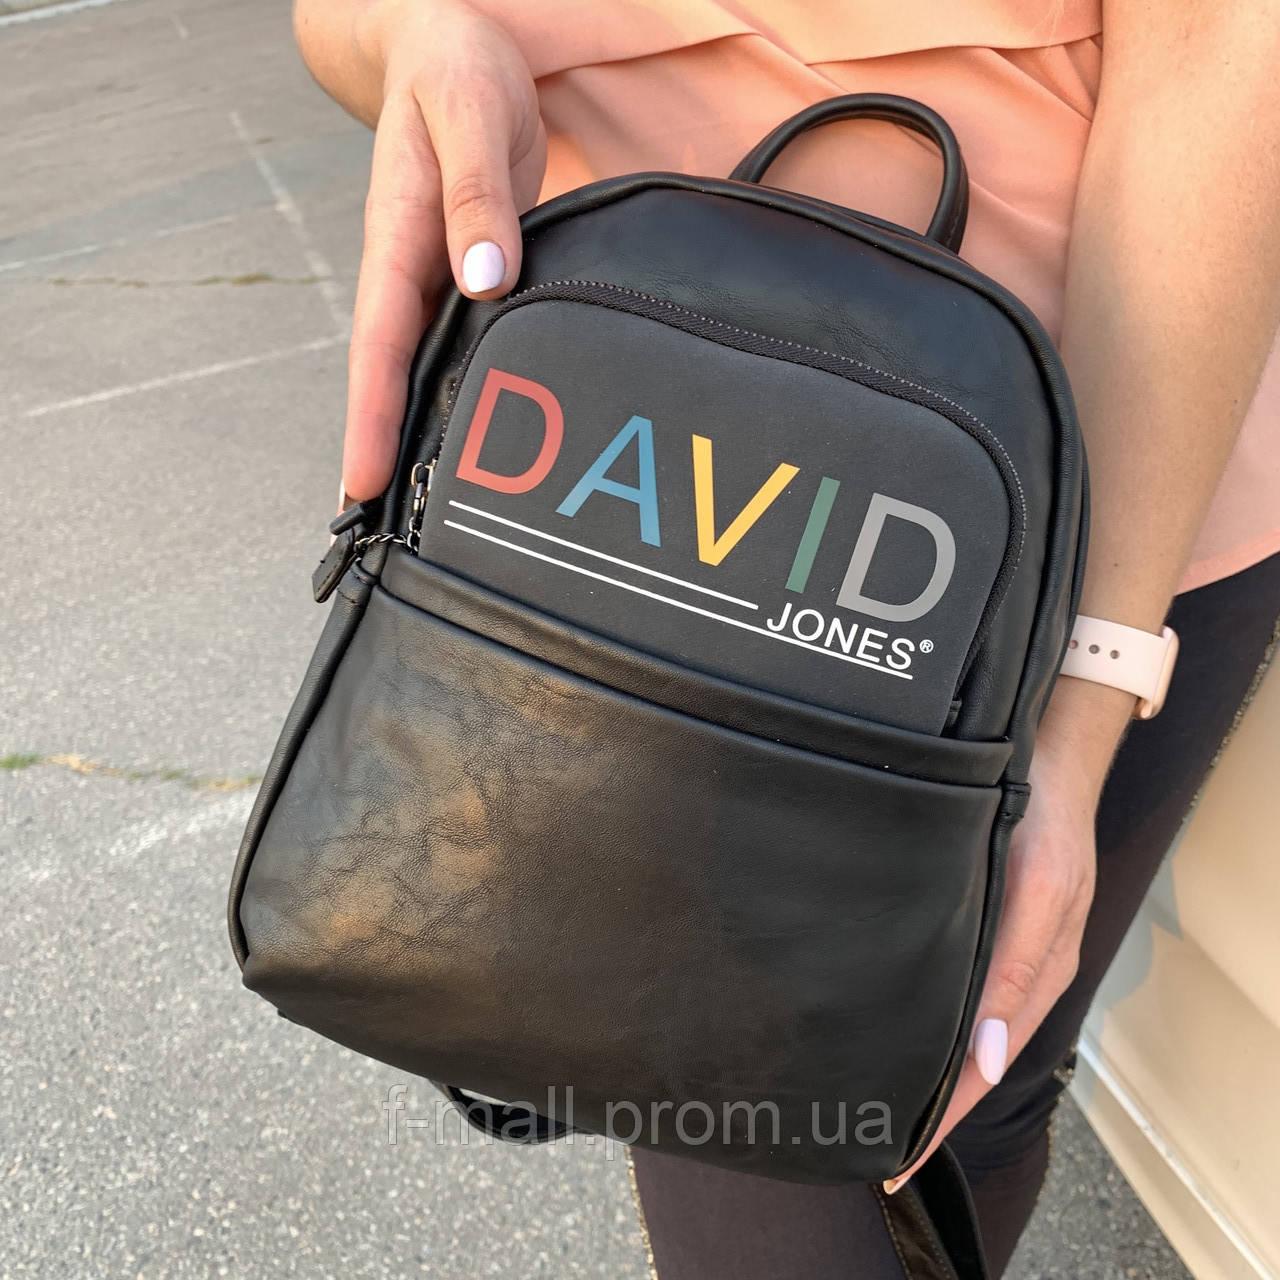 Стильный женский рюкзак David Jones (5368)